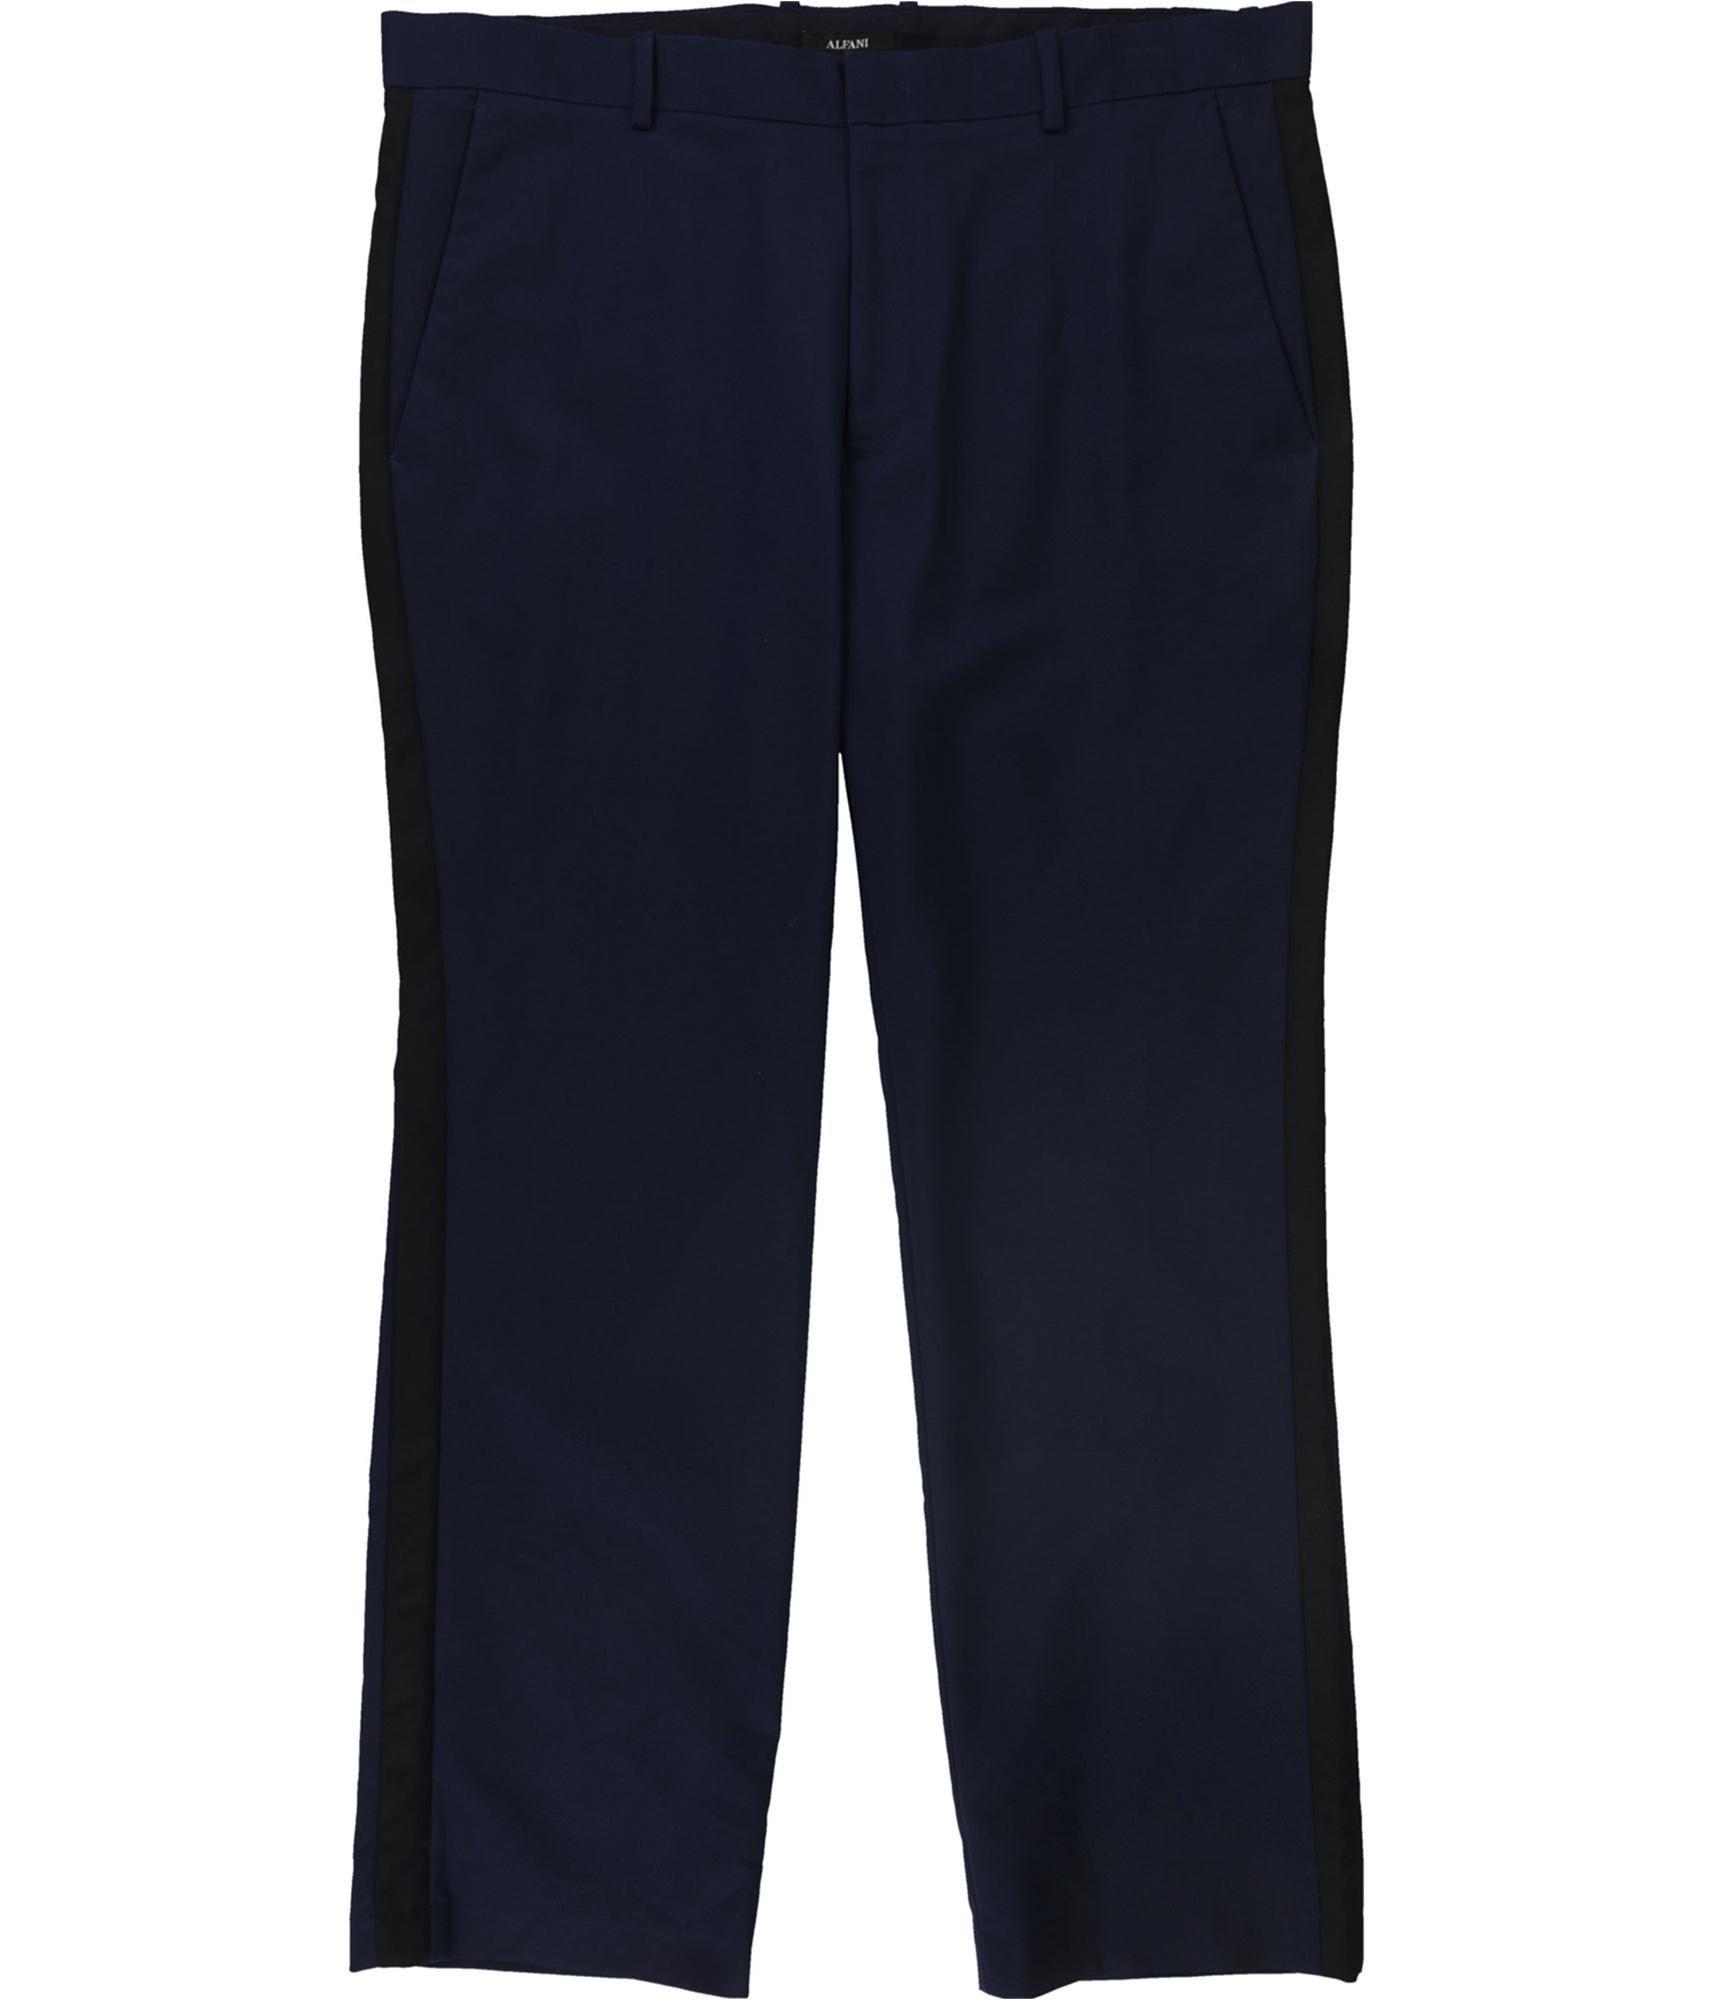 Alfani Mens Side Striped Dress Pants Slacks, Blue, 40W x 30L